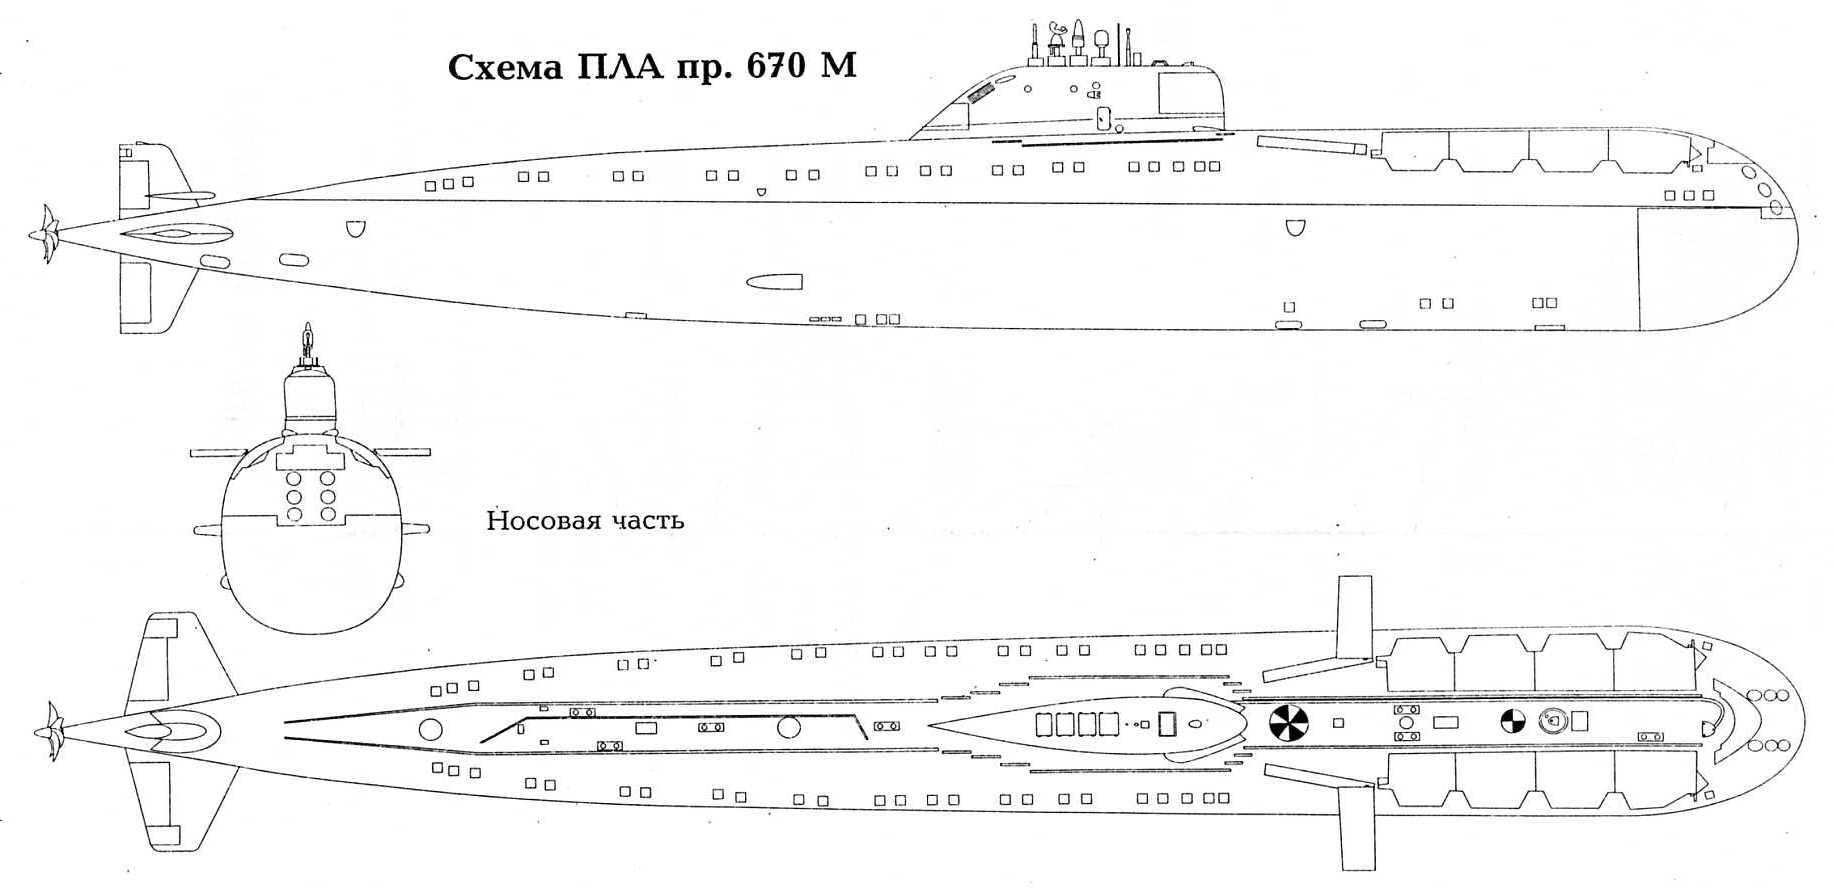 Схема работы подводной лодки